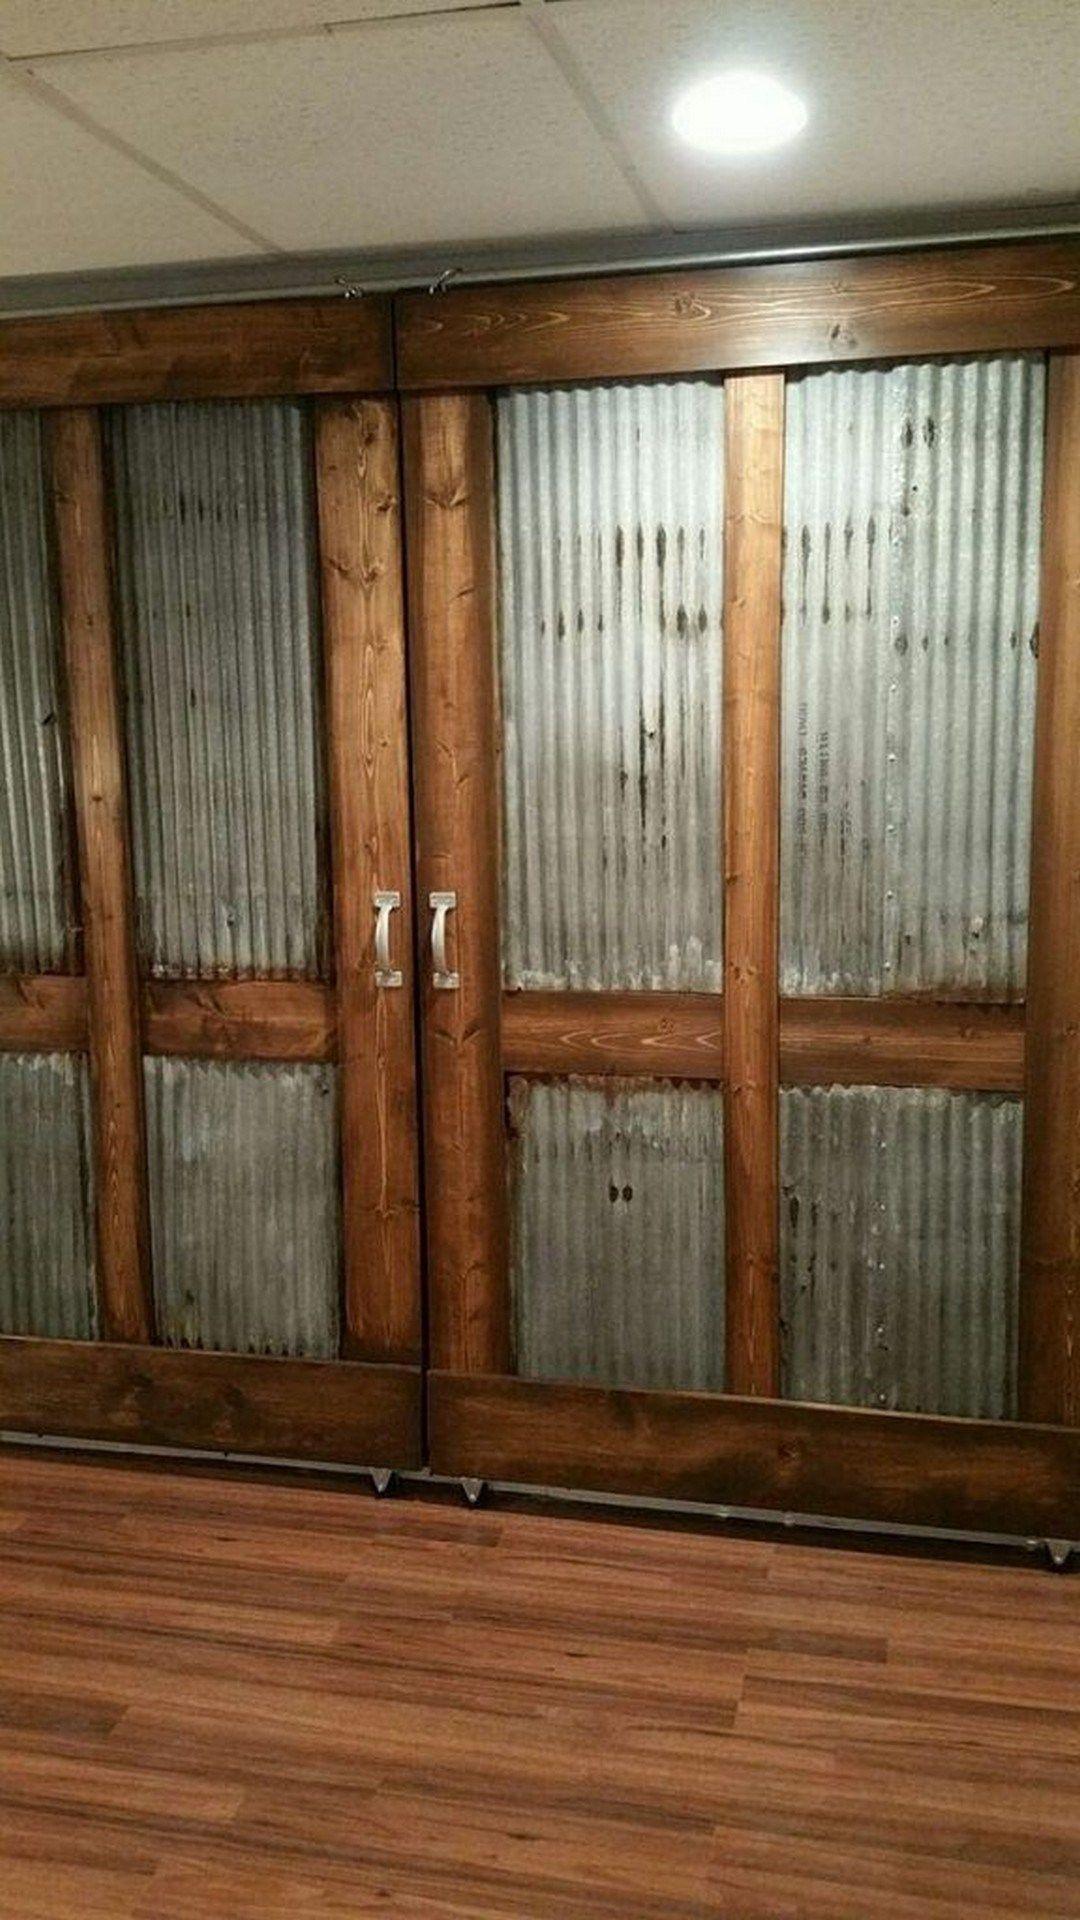 82 Corrugated Metal Barn Door Farmhouse Room Sliding Barn Door Bathroom Sliding Barn Door Hardware Barn Doors Sliding